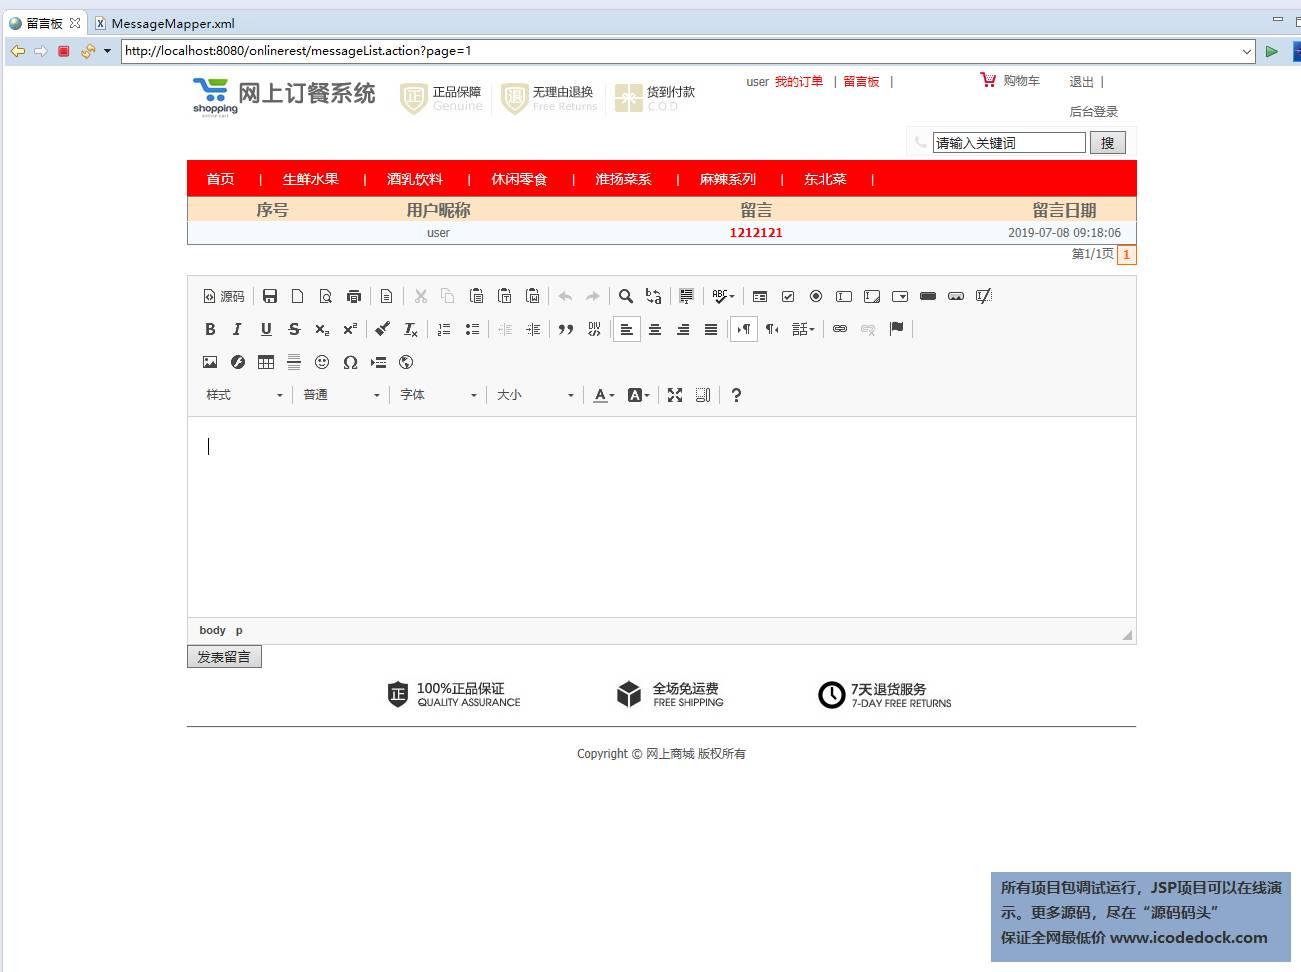 源码码头-SSM网上外卖订餐管理系统-用户-查看留言板-留言